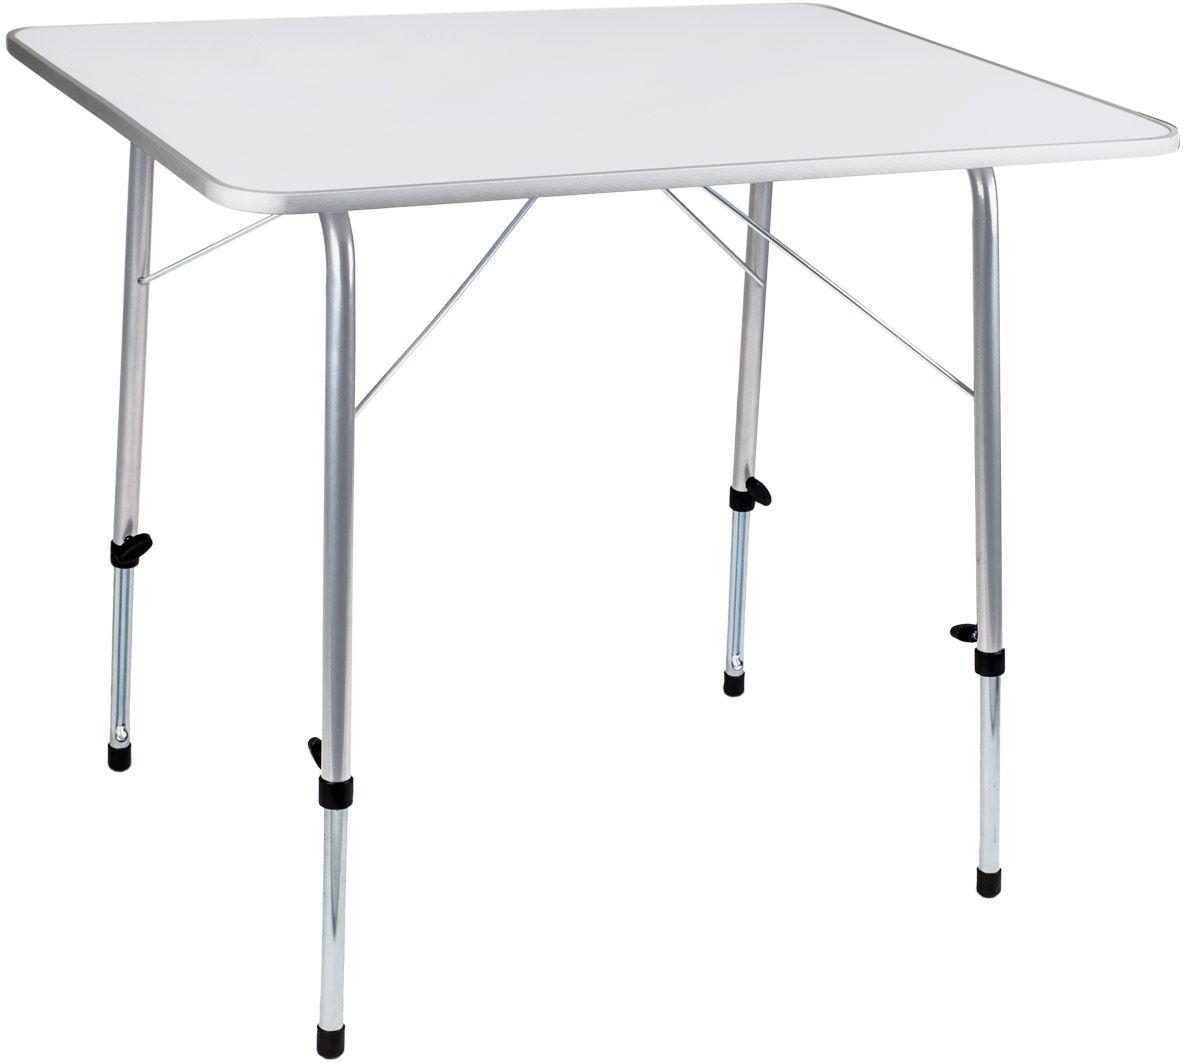 Стол складной TREK PLANET Picnic 80, кемпинговый, 81 х 6,5 х 62,5 см набор мебели trek planet event set 95 стол и 4 стула 70667